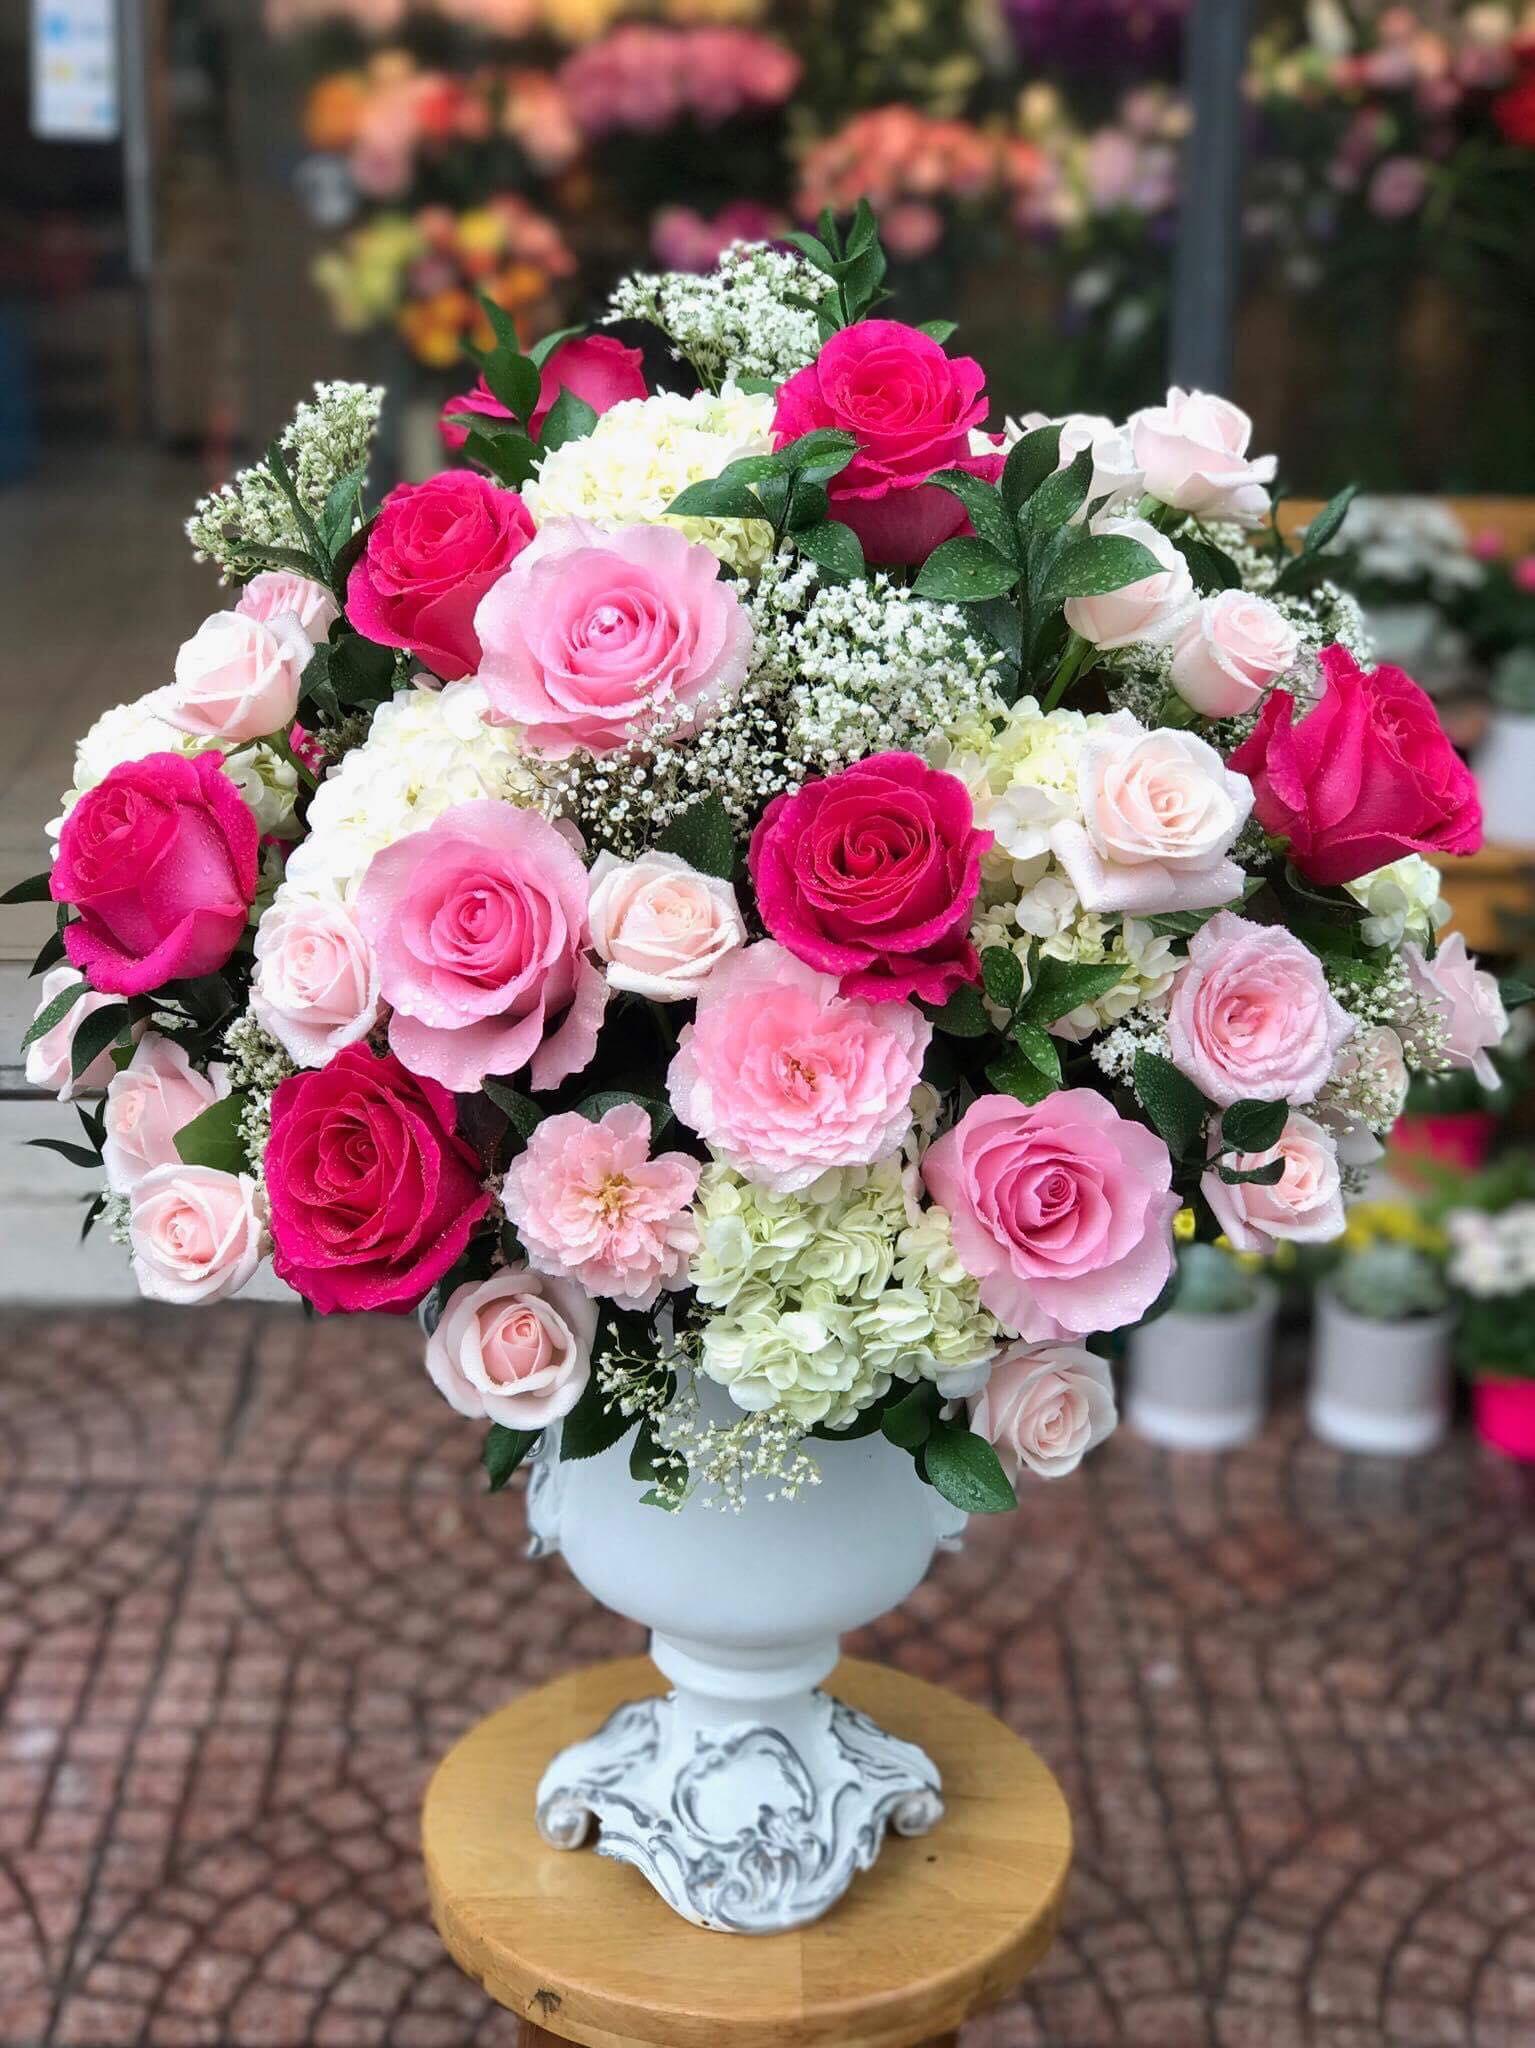 Giá giỏ hoa tươi, bình hoa tươi tại Hoa Tươi Văn Nam